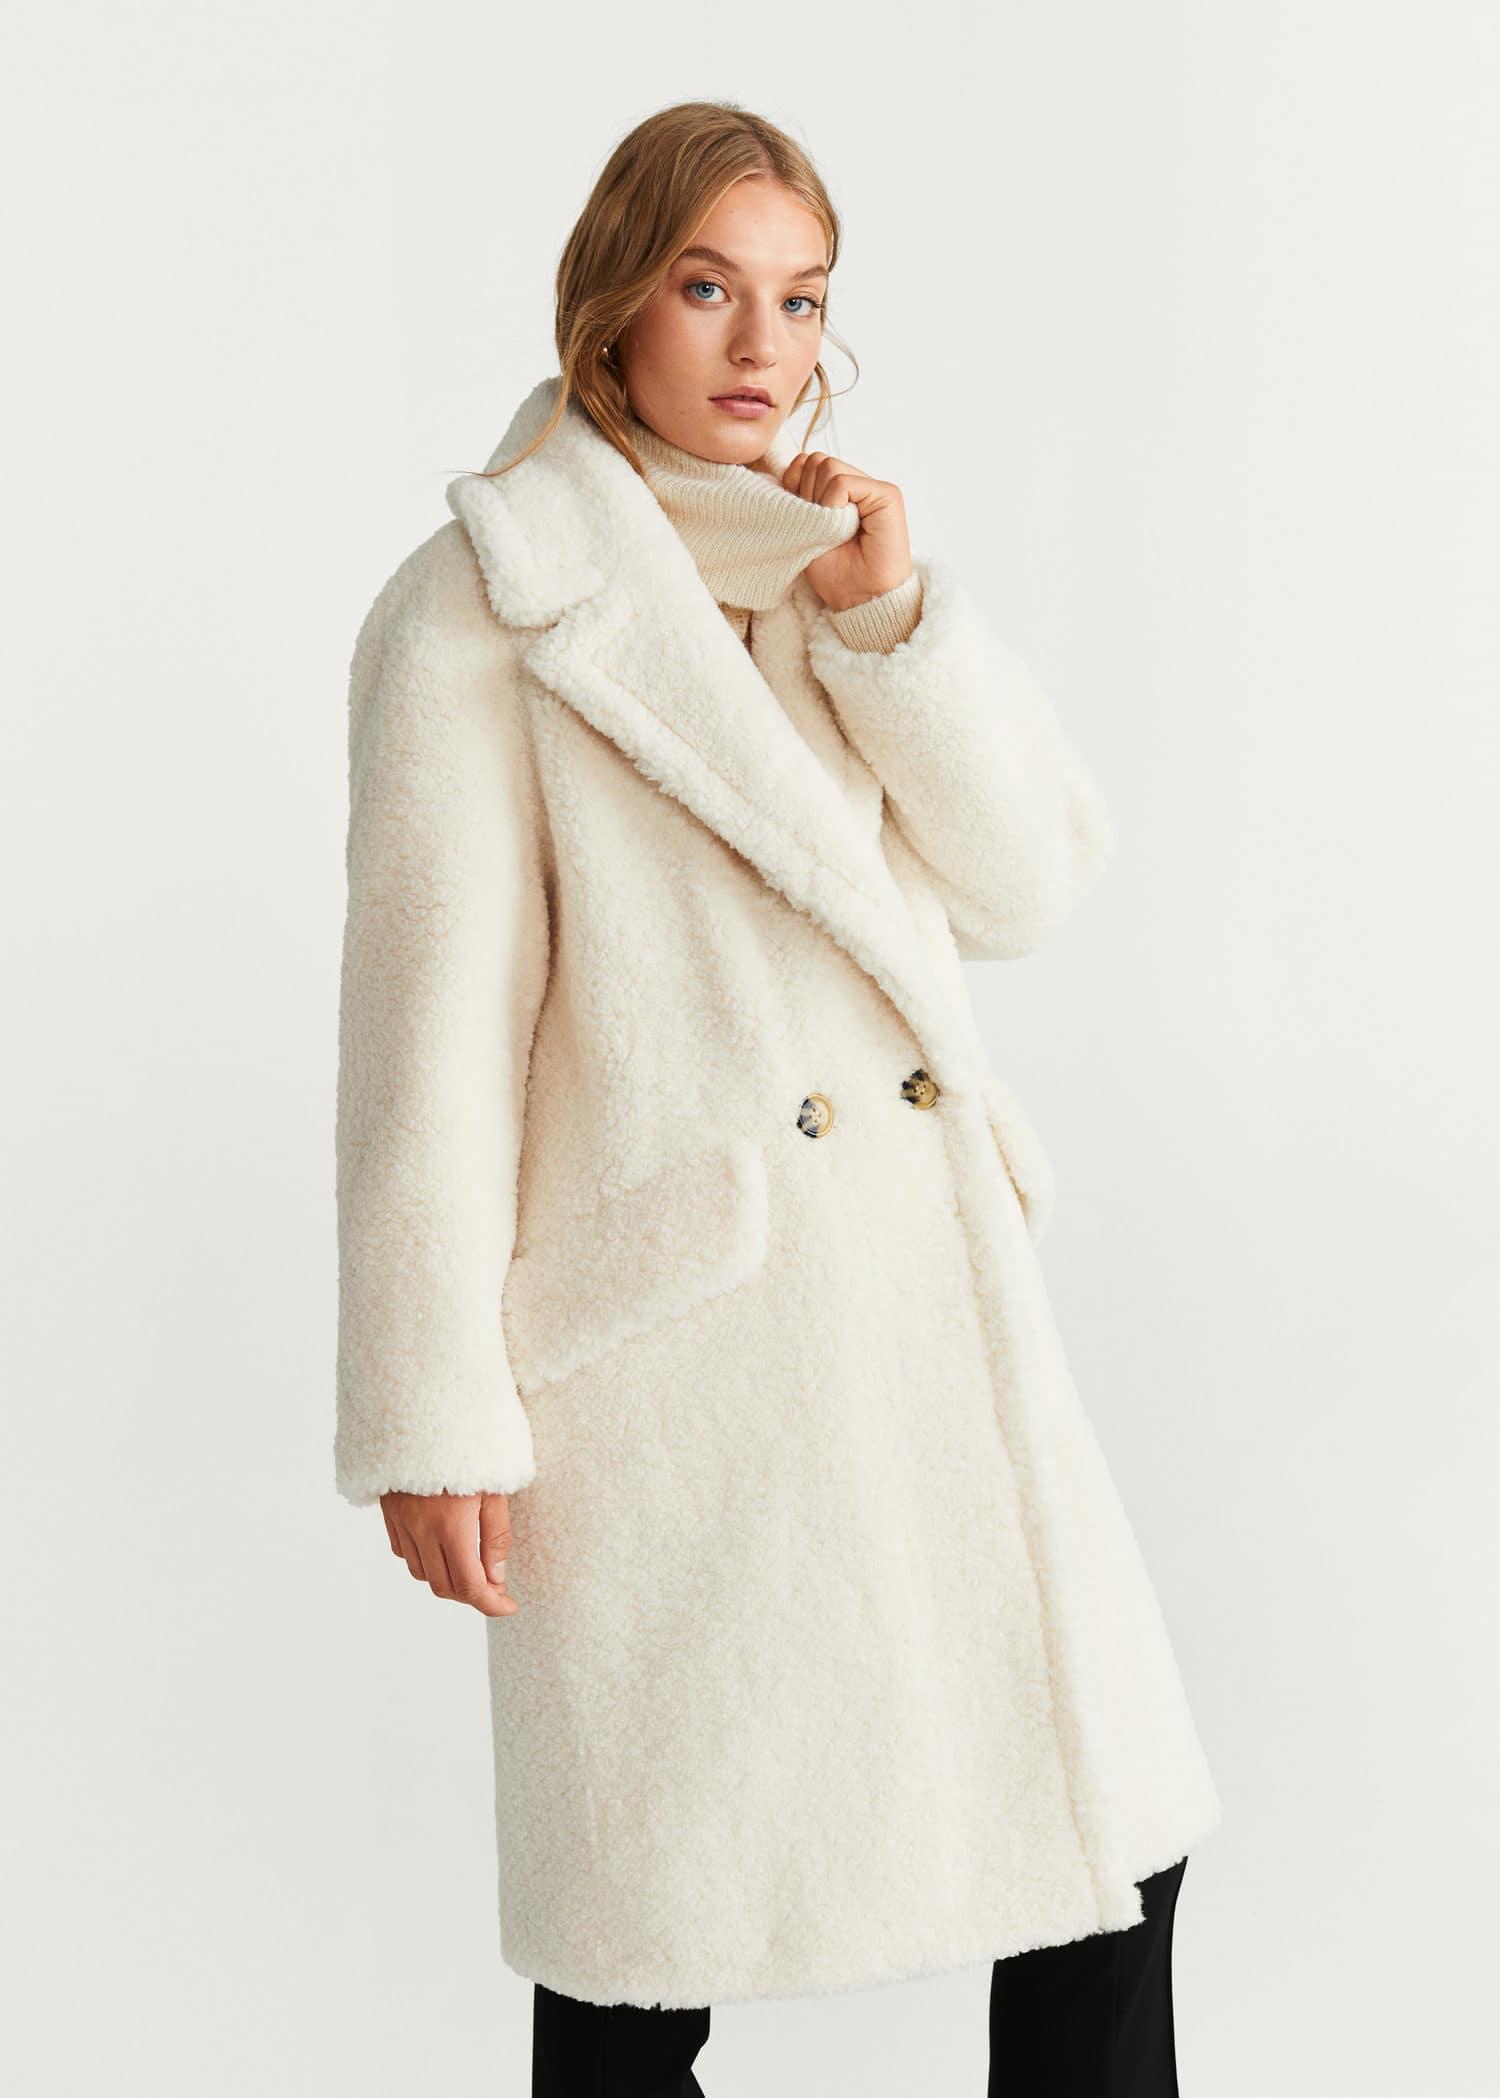 niedriger Preis elegantes Aussehen günstige Preise Mantel mit shearlingbesatz - Damen | Mango Deutschland